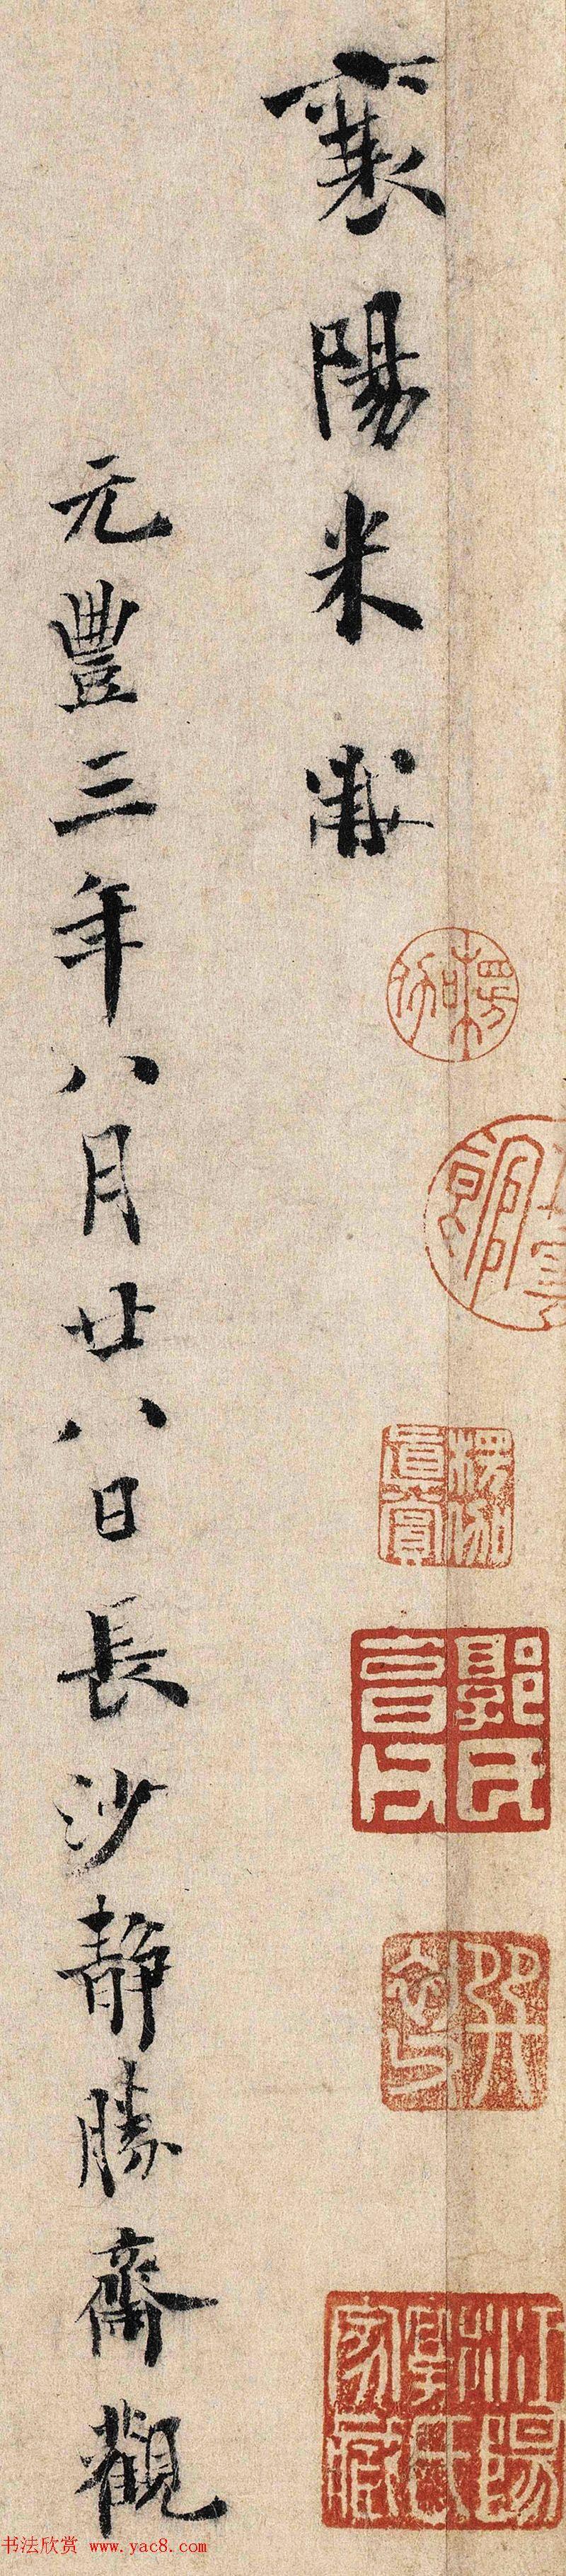 米芾書法墨迹欣賞《跋步辇圖》高清本